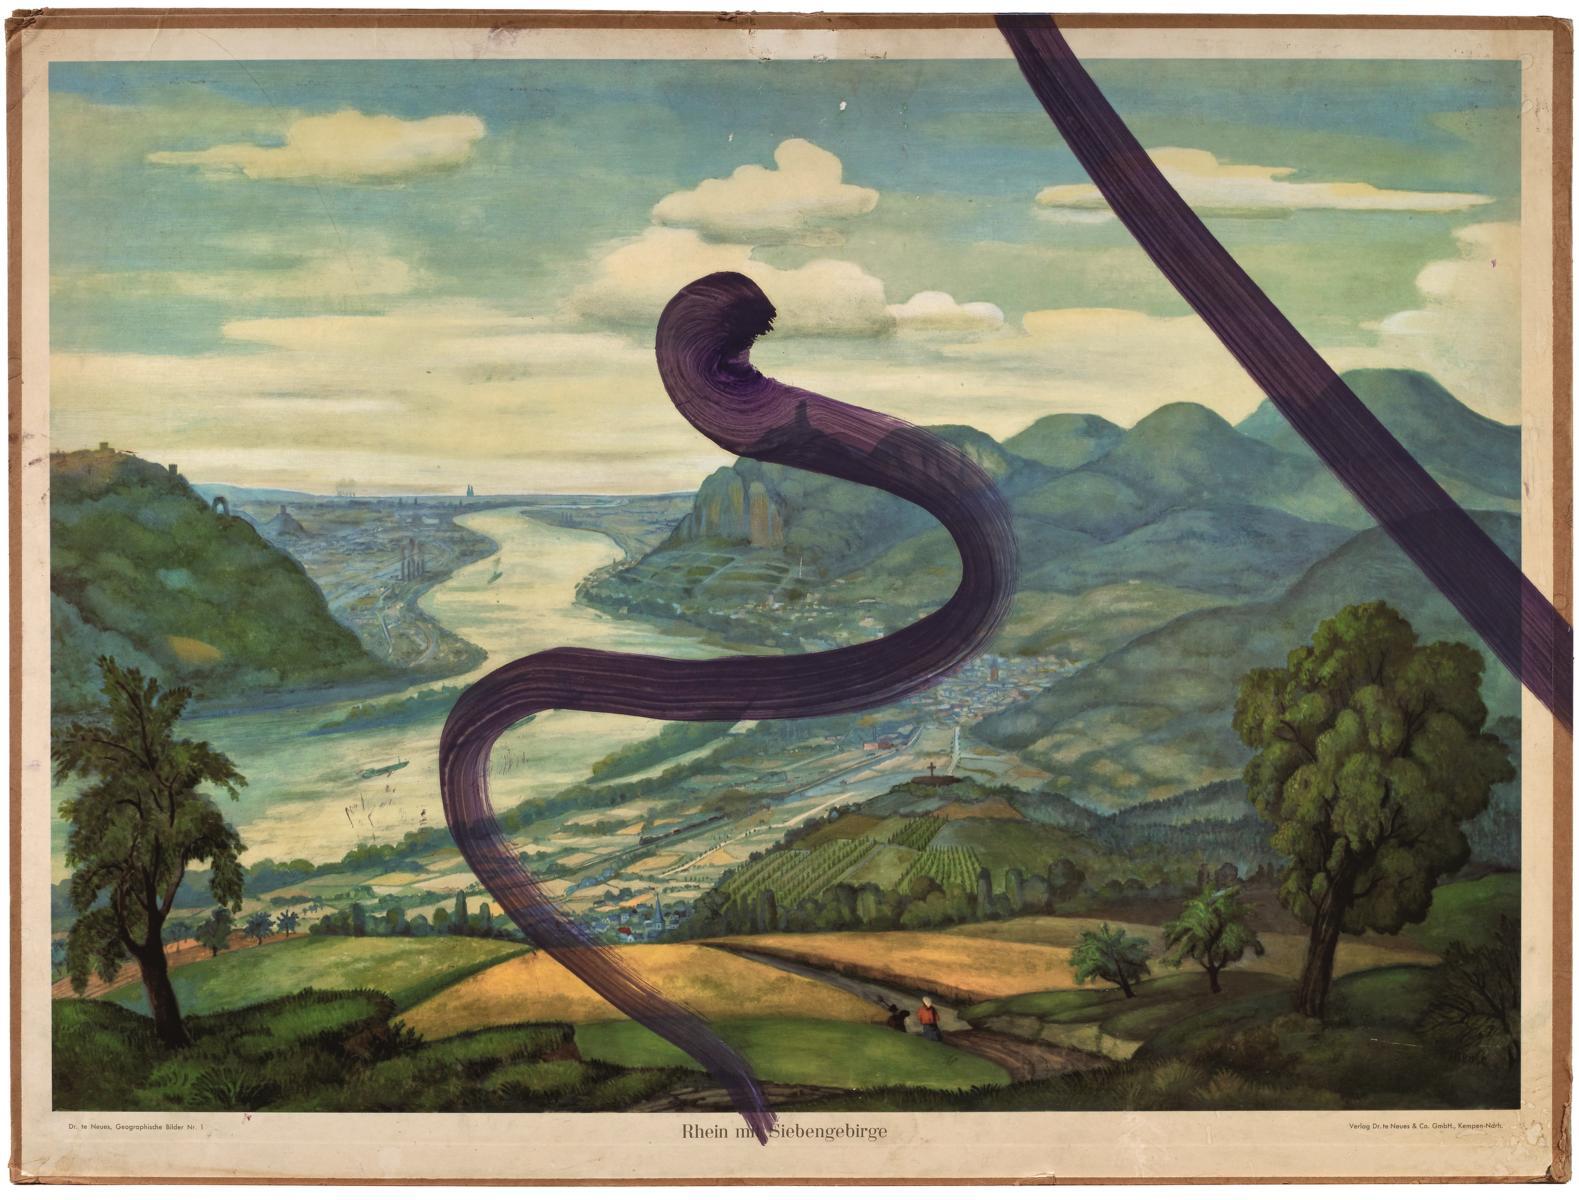 Untitled (Rhein mit Siebengebirge), 2016, Pigmentdruck auf Faserpapier, kaschiert auf Karton, 107.5 x 80.5 cm, Auflage: 60 + AP, signiert, arabisch nummeriert